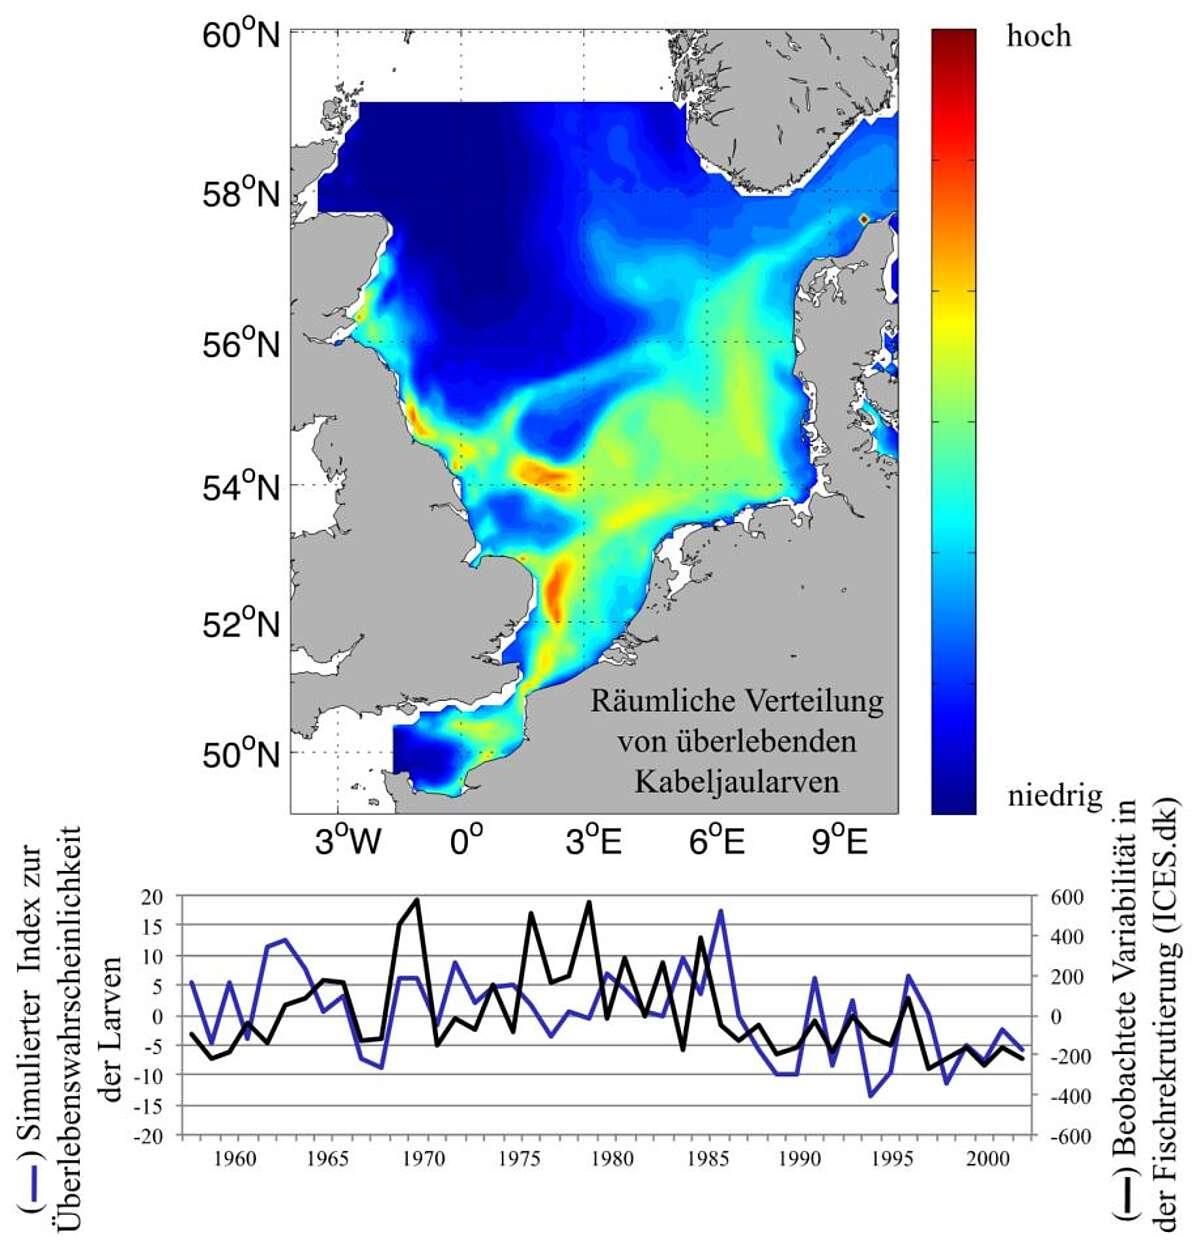 Grafik räumliche Verteilung von Fischlarven in der Nordsee